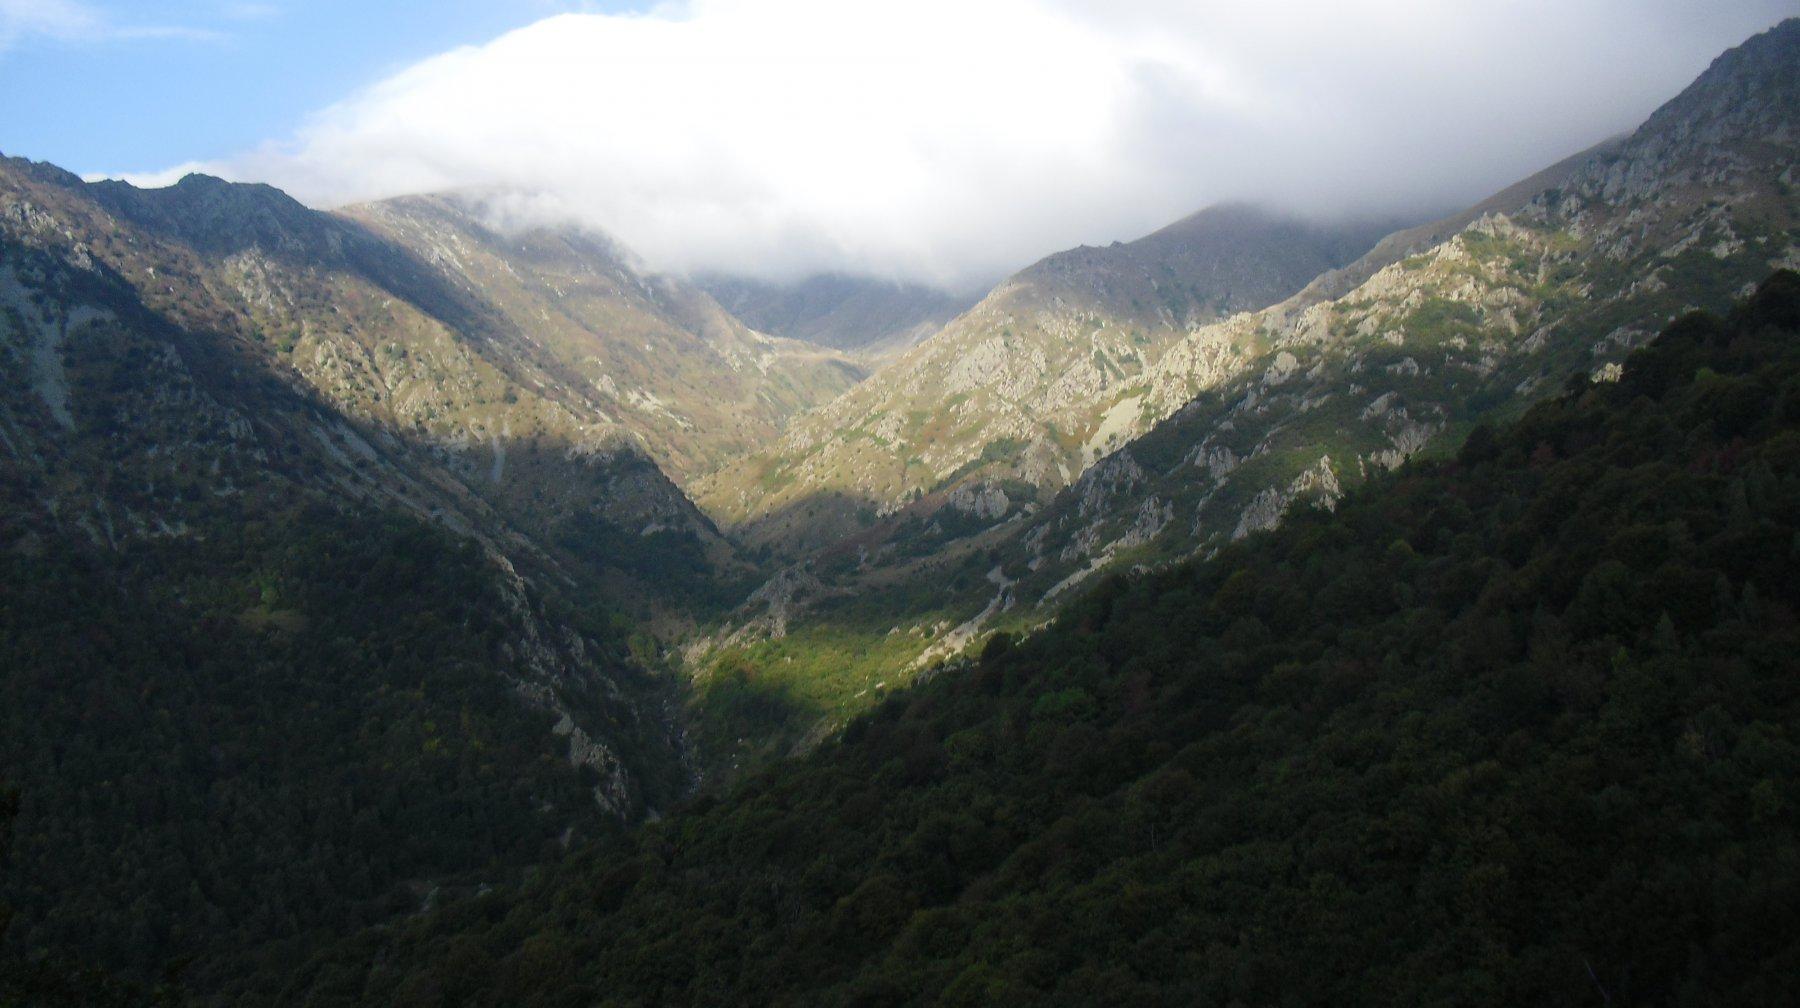 La testata della Valdarmella e i crinali da percorrere.